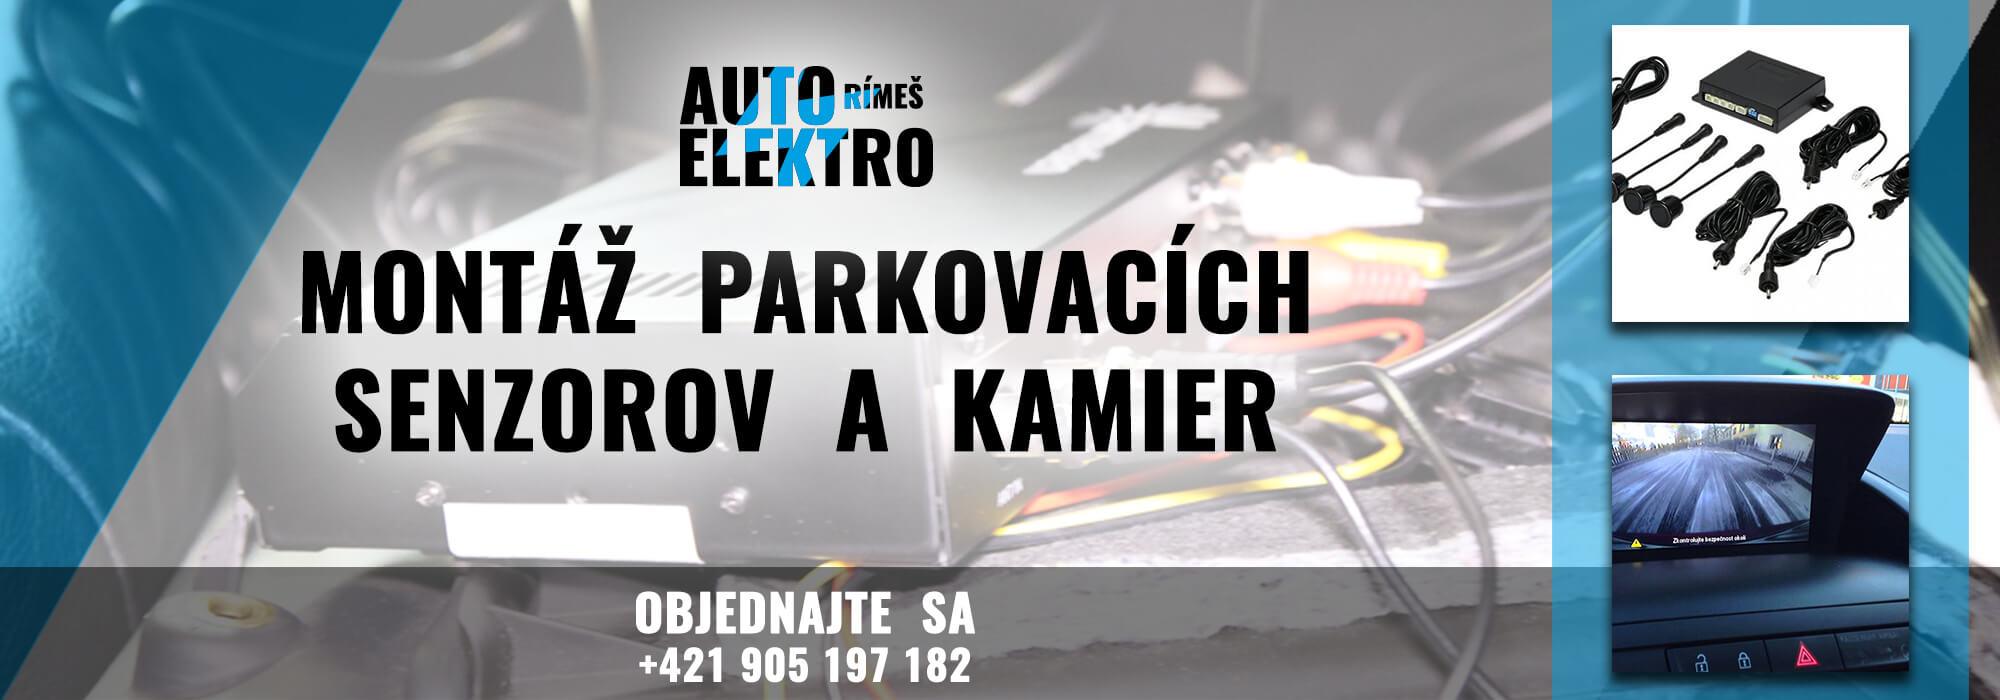 AER 2000×700 montaz parkovacich senzorov a kamier